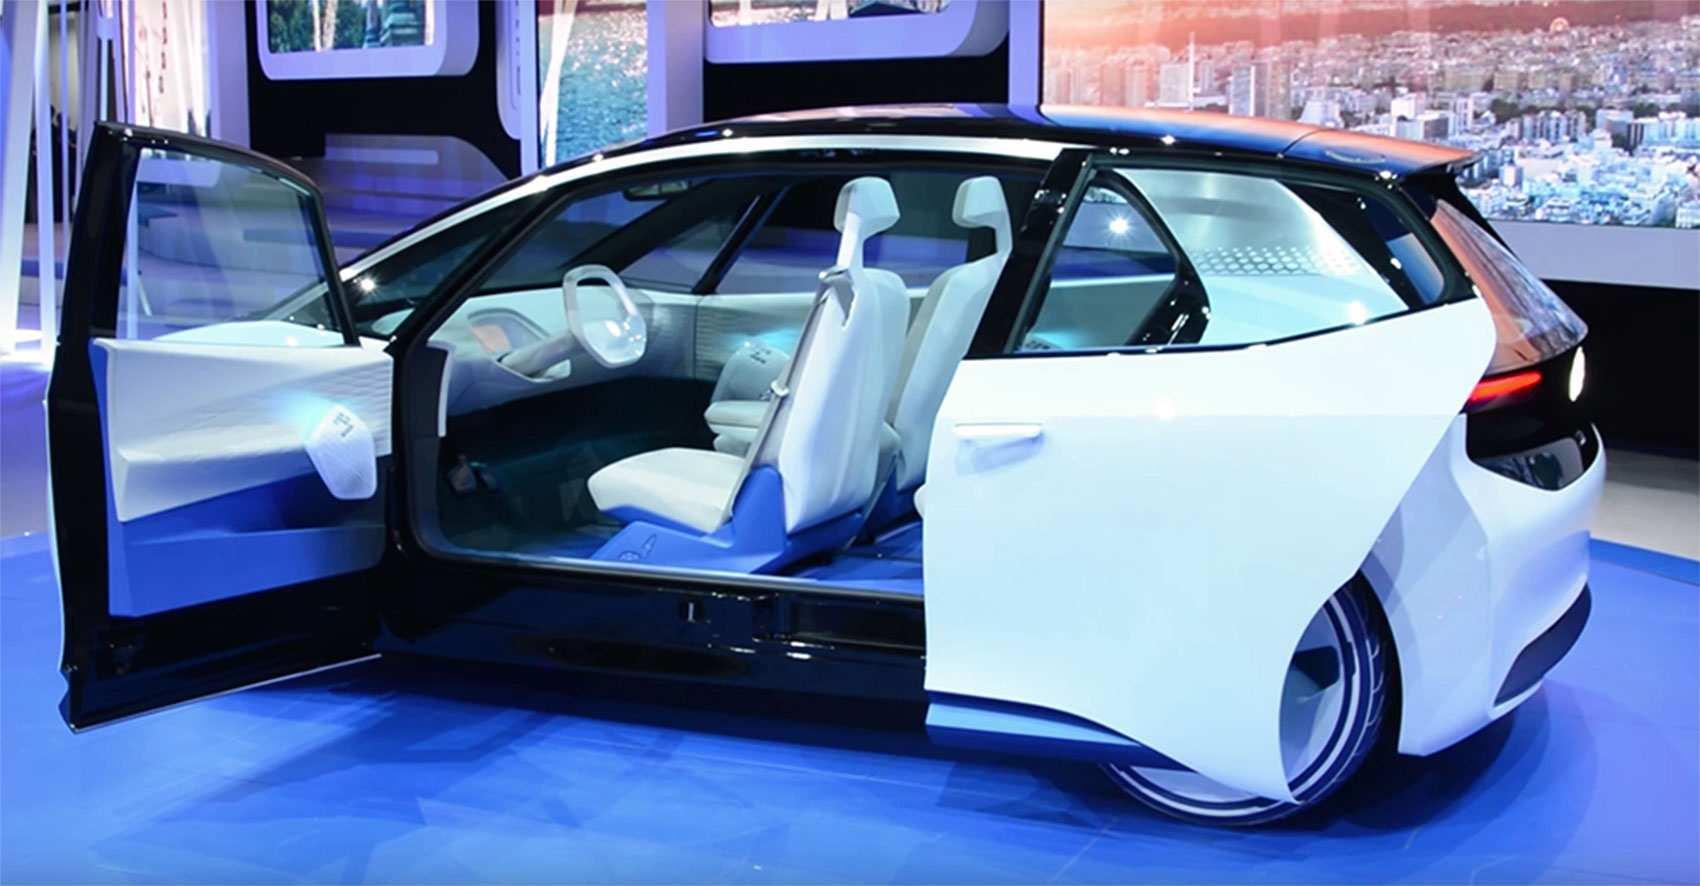 48 The Future Volkswagen 2020 Review for Future Volkswagen 2020